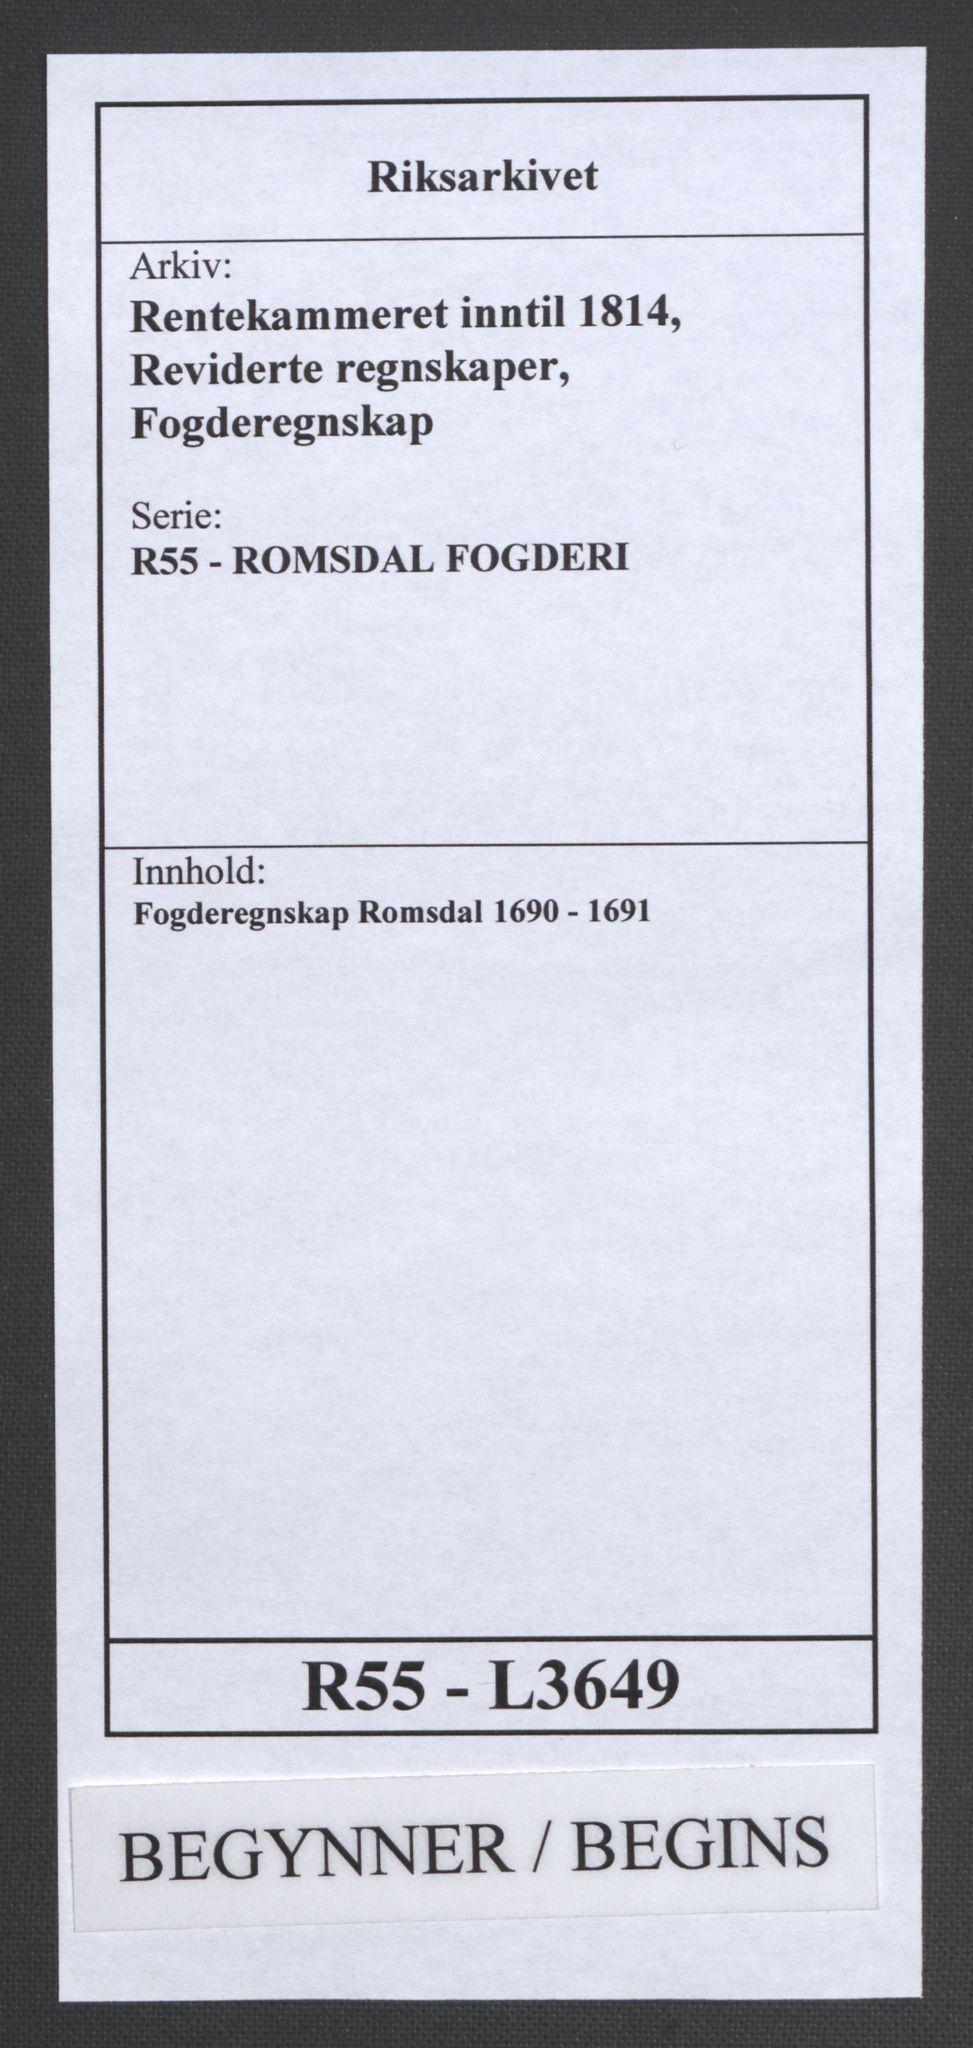 RA, Rentekammeret inntil 1814, Reviderte regnskaper, Fogderegnskap, R55/L3649: Fogderegnskap Romsdal, 1690-1691, s. 1